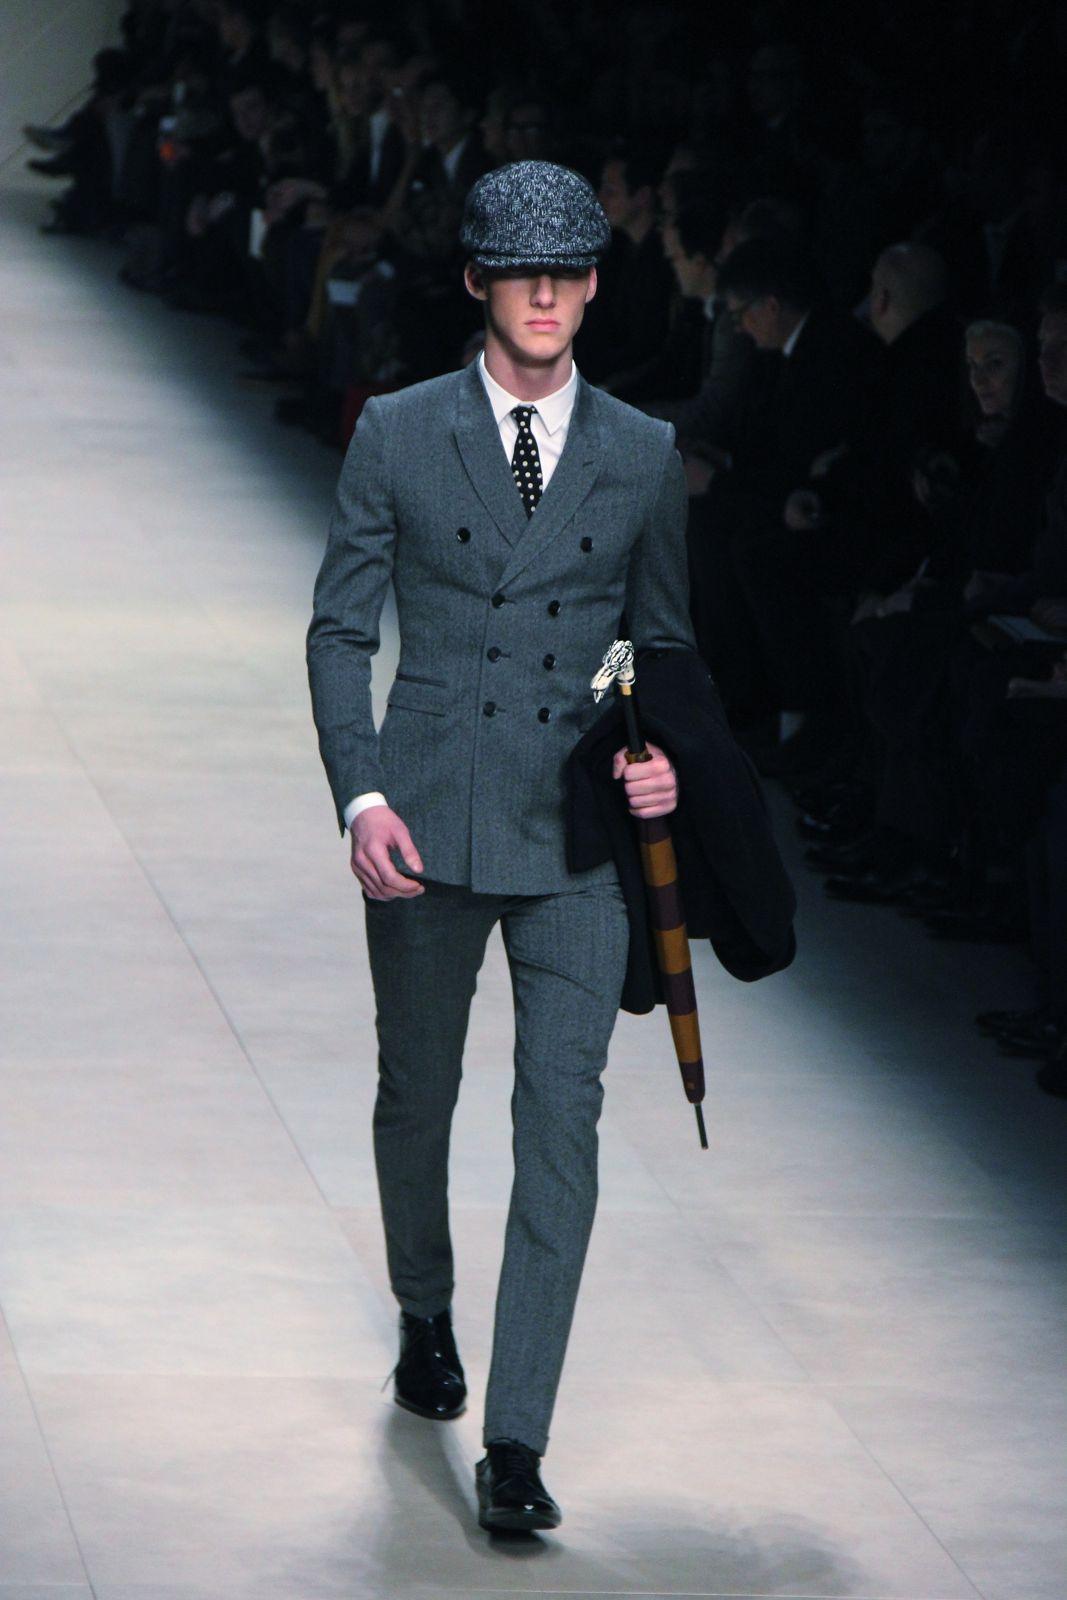 Milano Fashion Week Burberry Prorsum Fashion Show